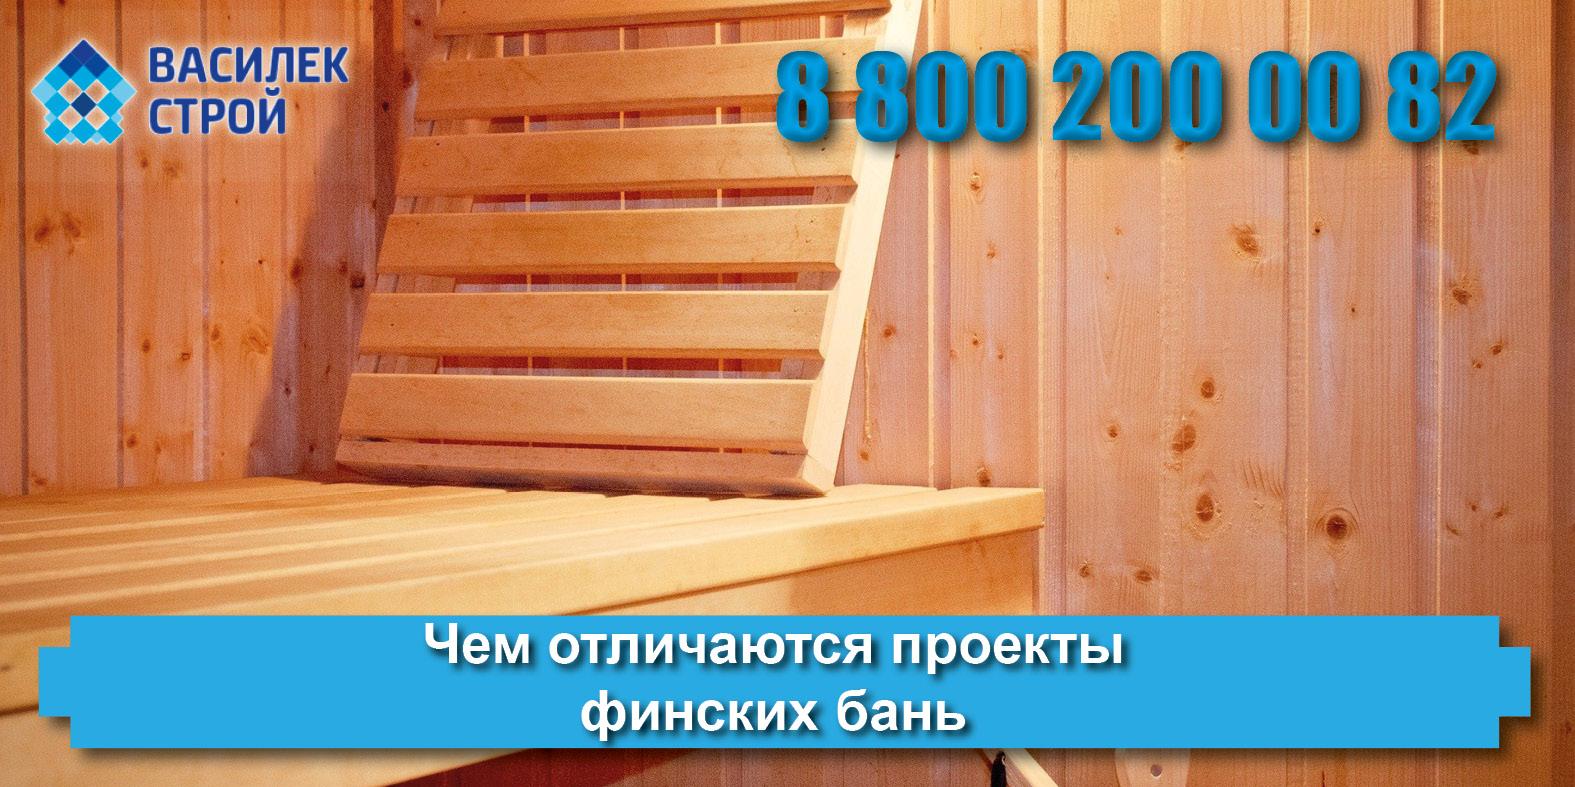 Готовые проекты бани под ключ: лучшие бесплатные проекты загородных финских бань для каждого клиента